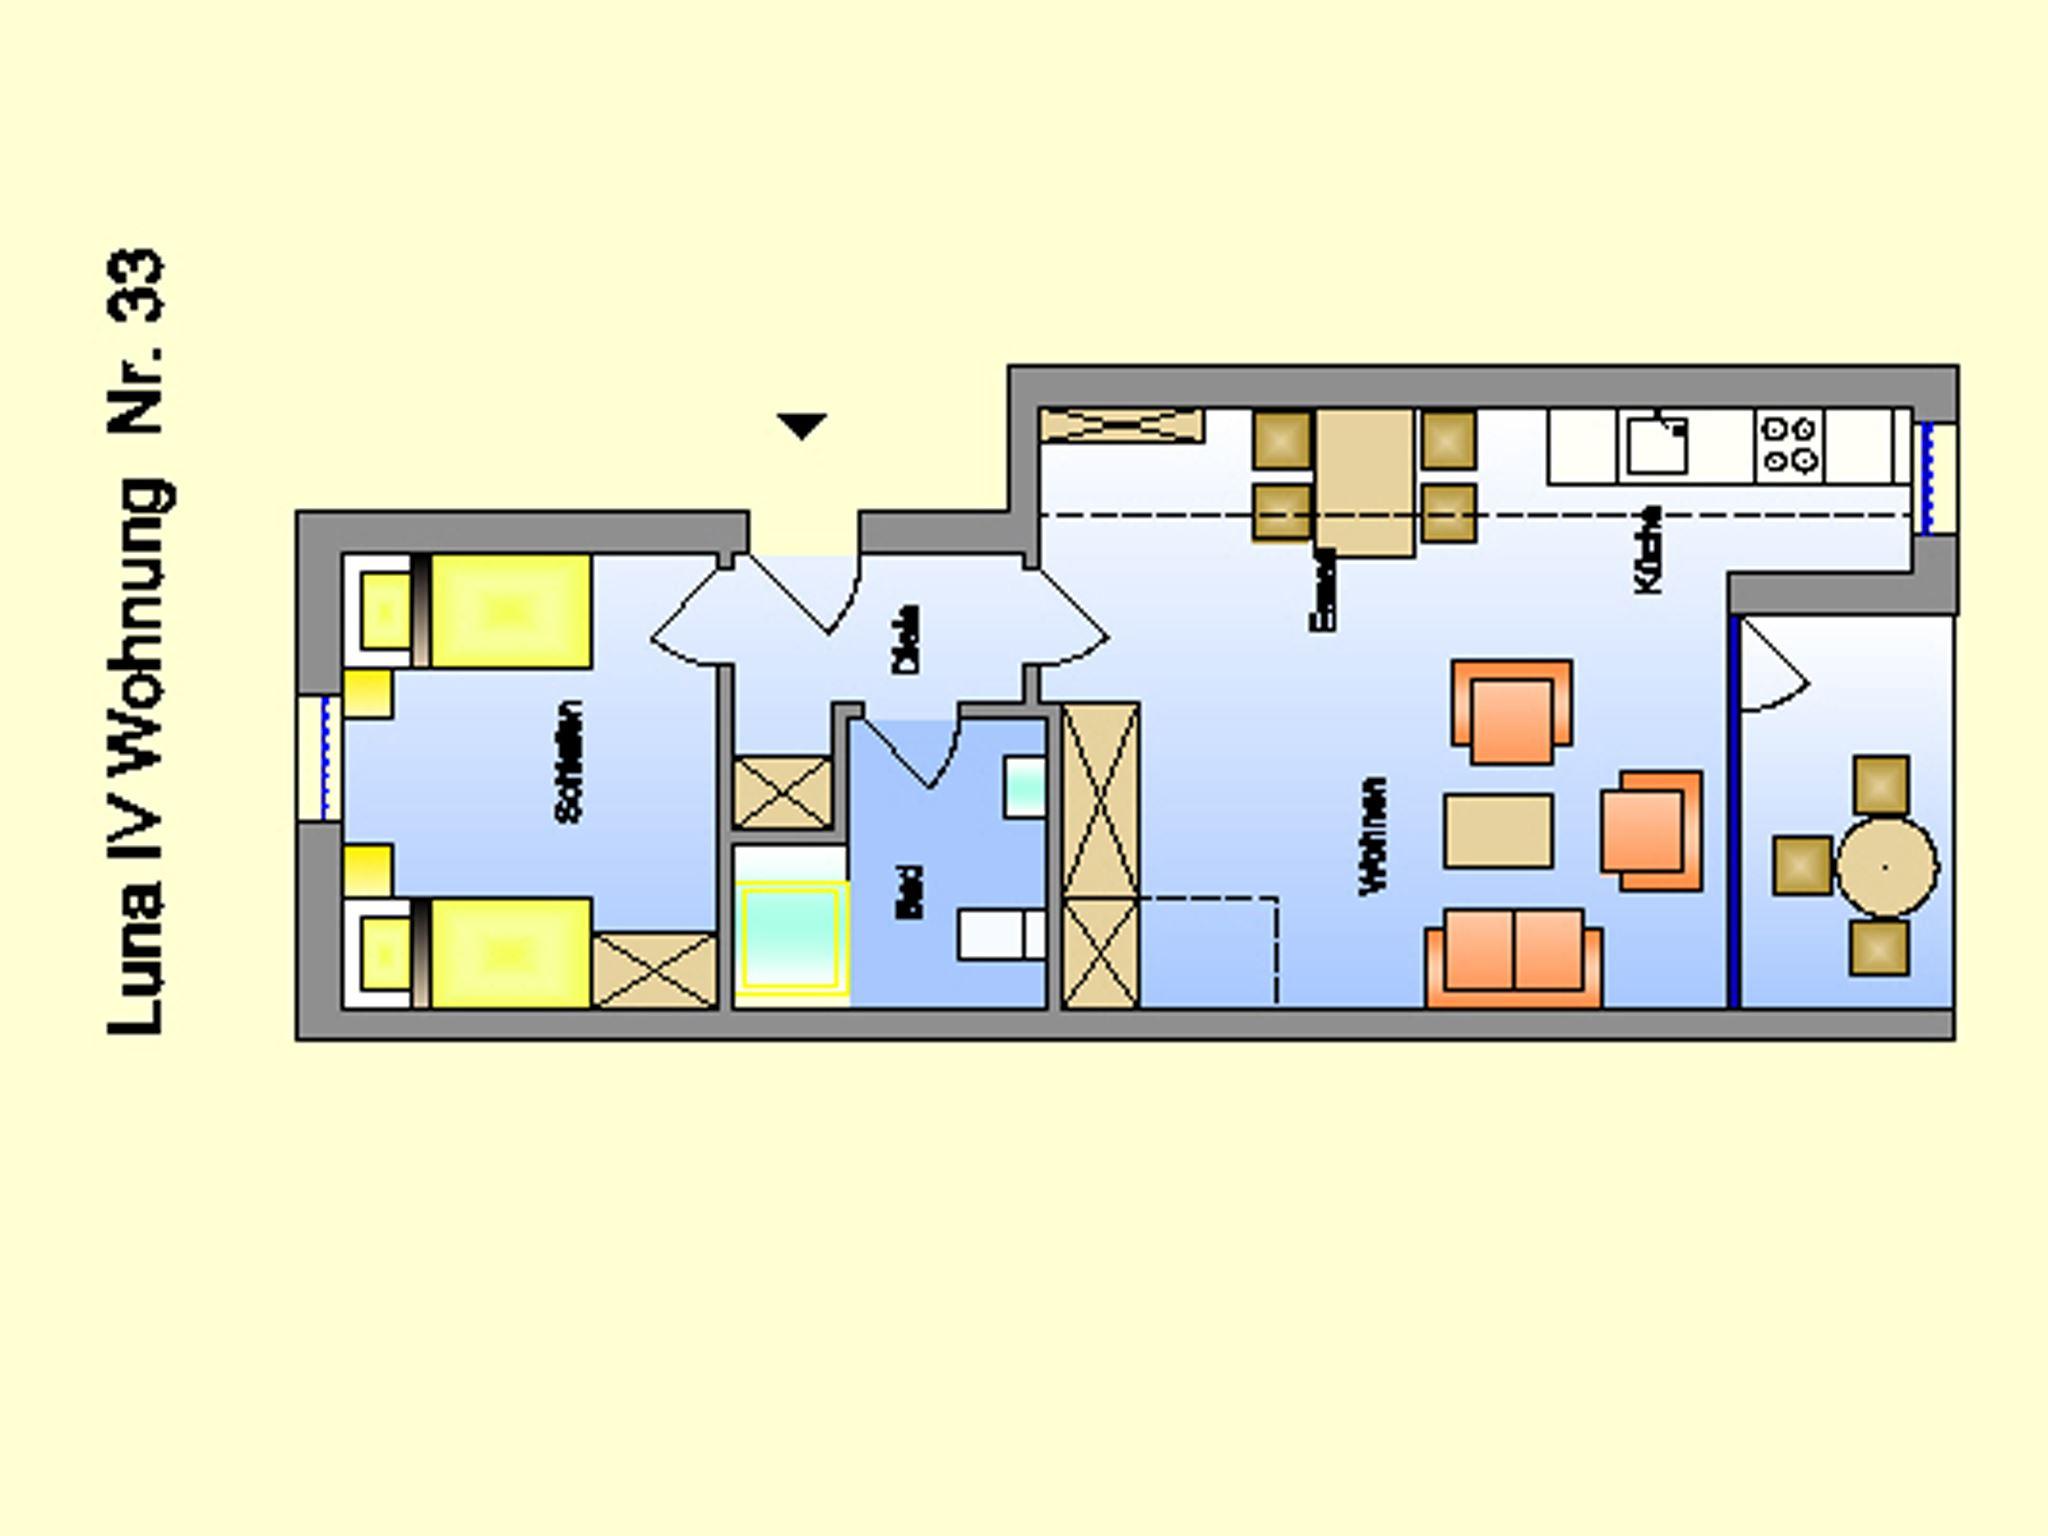 2-3 Personen Ferienappartement in St. Peter-Ording mit Loggia in Strandnähe mit Blick auf den Ordinger Deich Luna IV Nr. 34